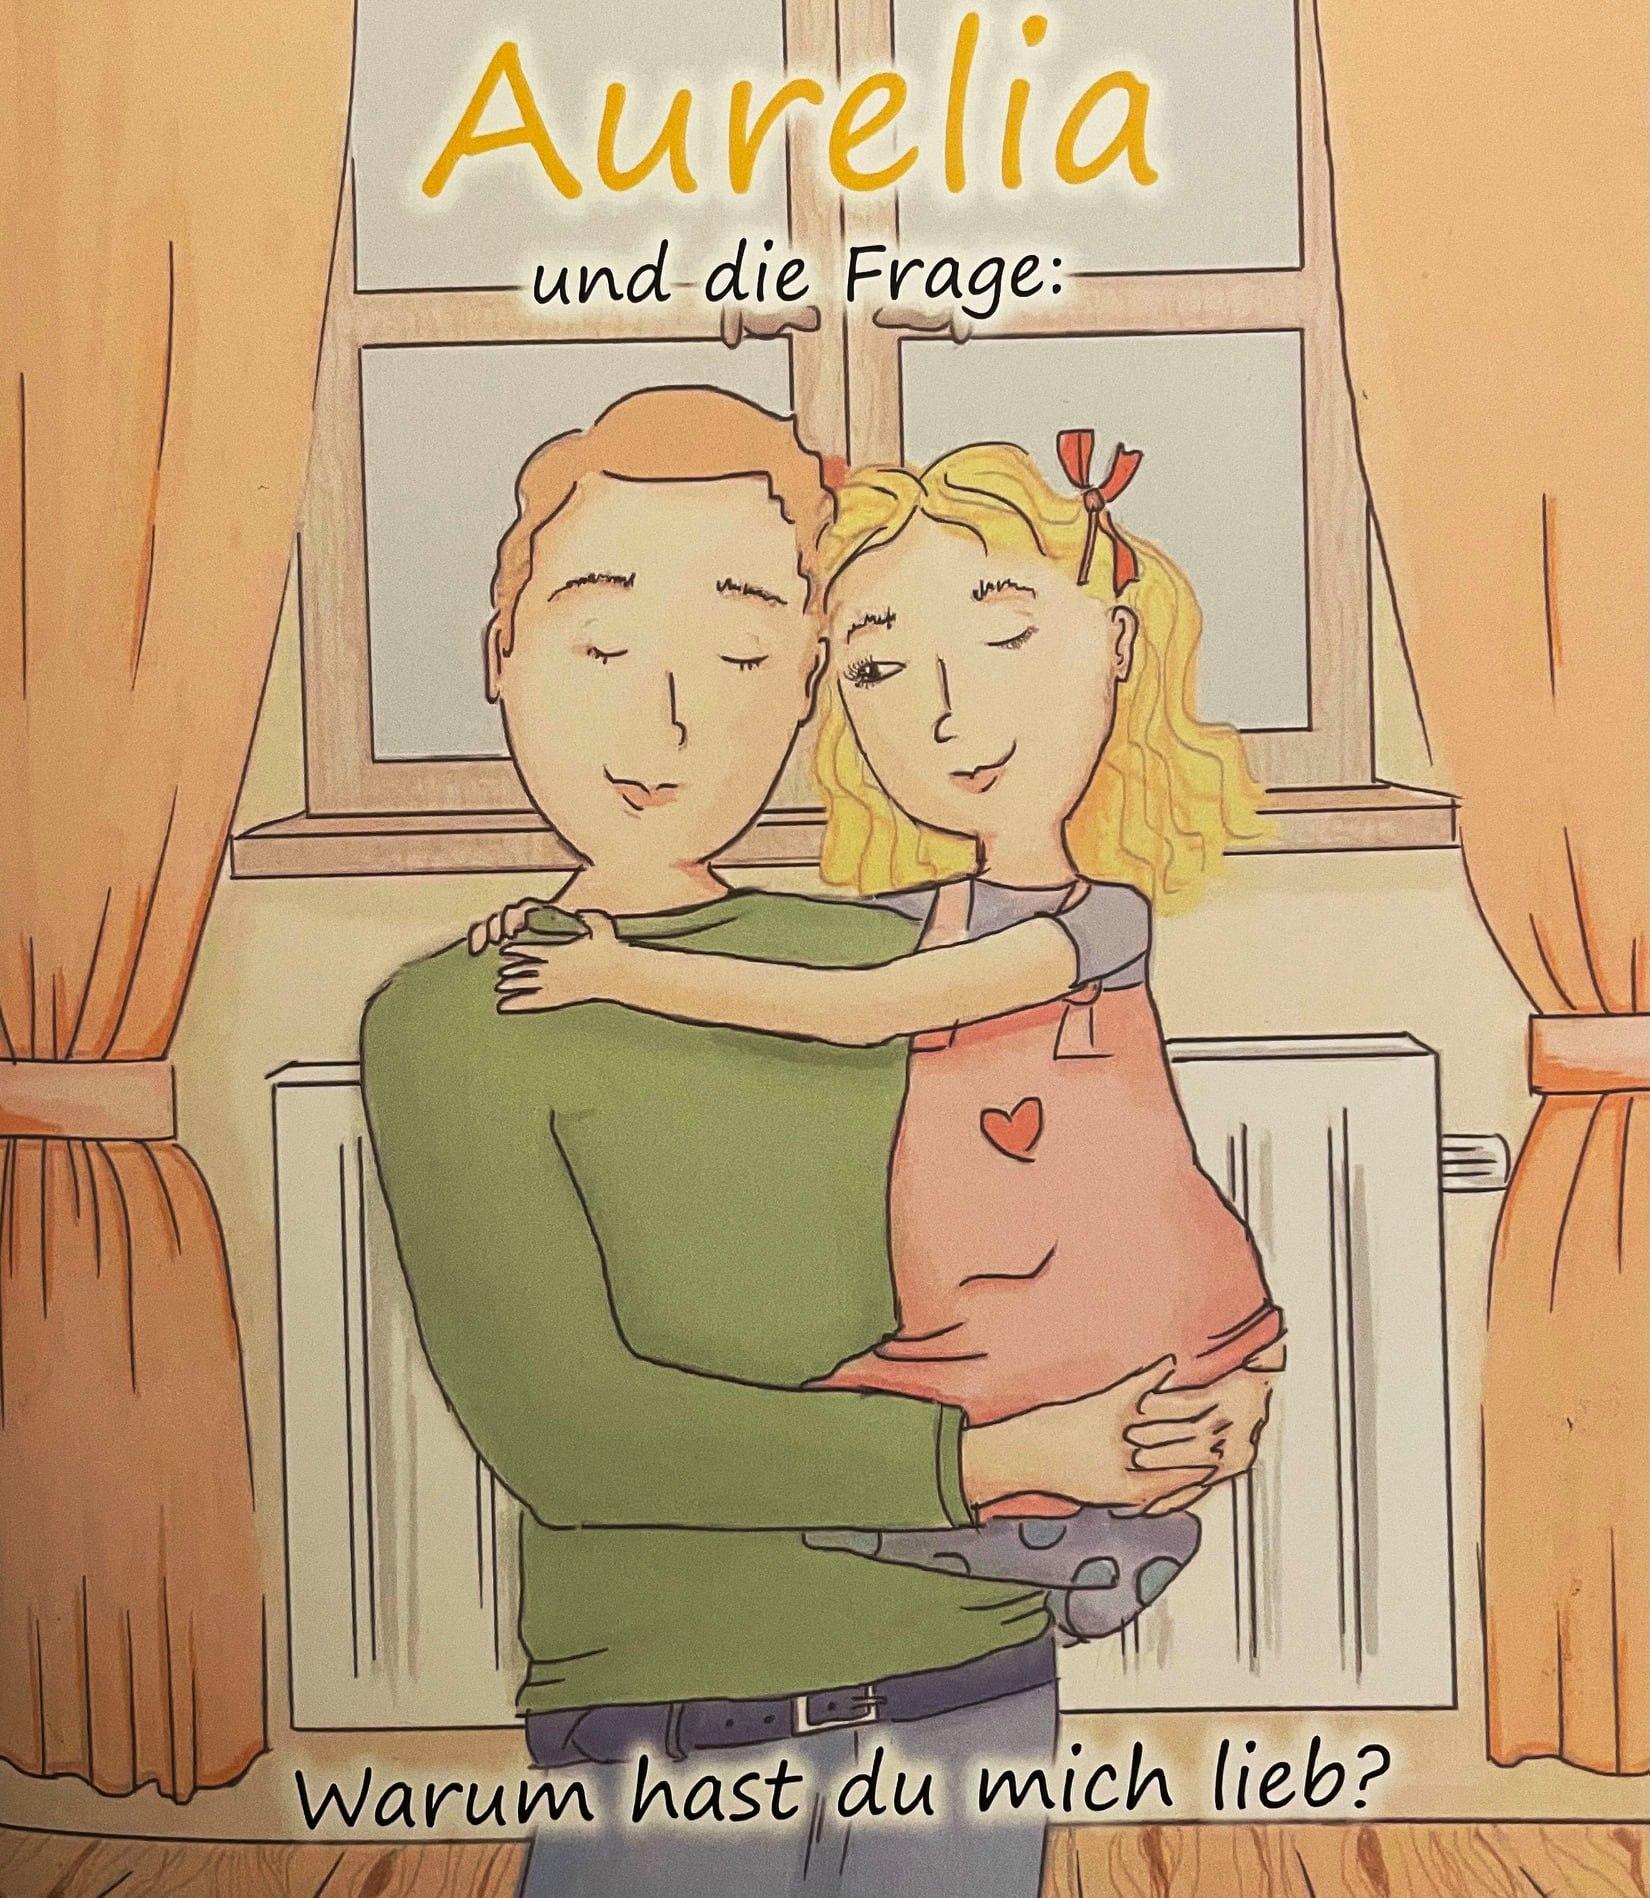 Aurelia und die Frage: Warum hast du mich lieb?